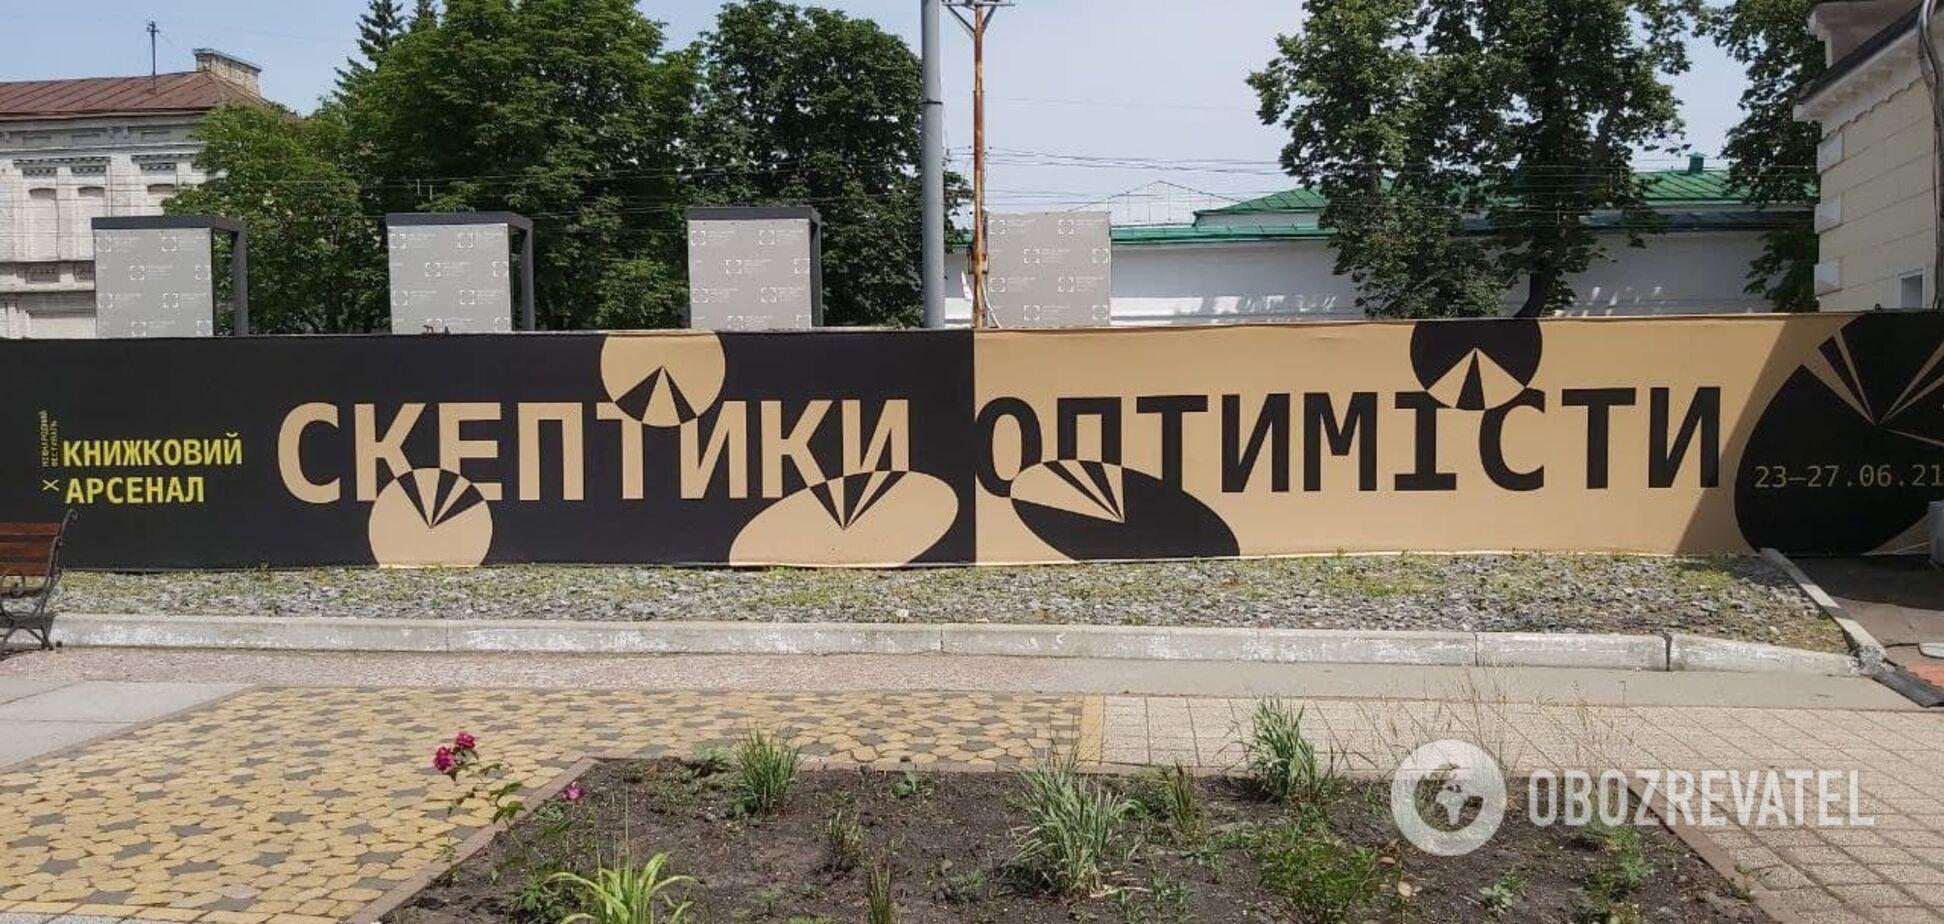 В Киеве стартовал ''Книжный Арсенал''